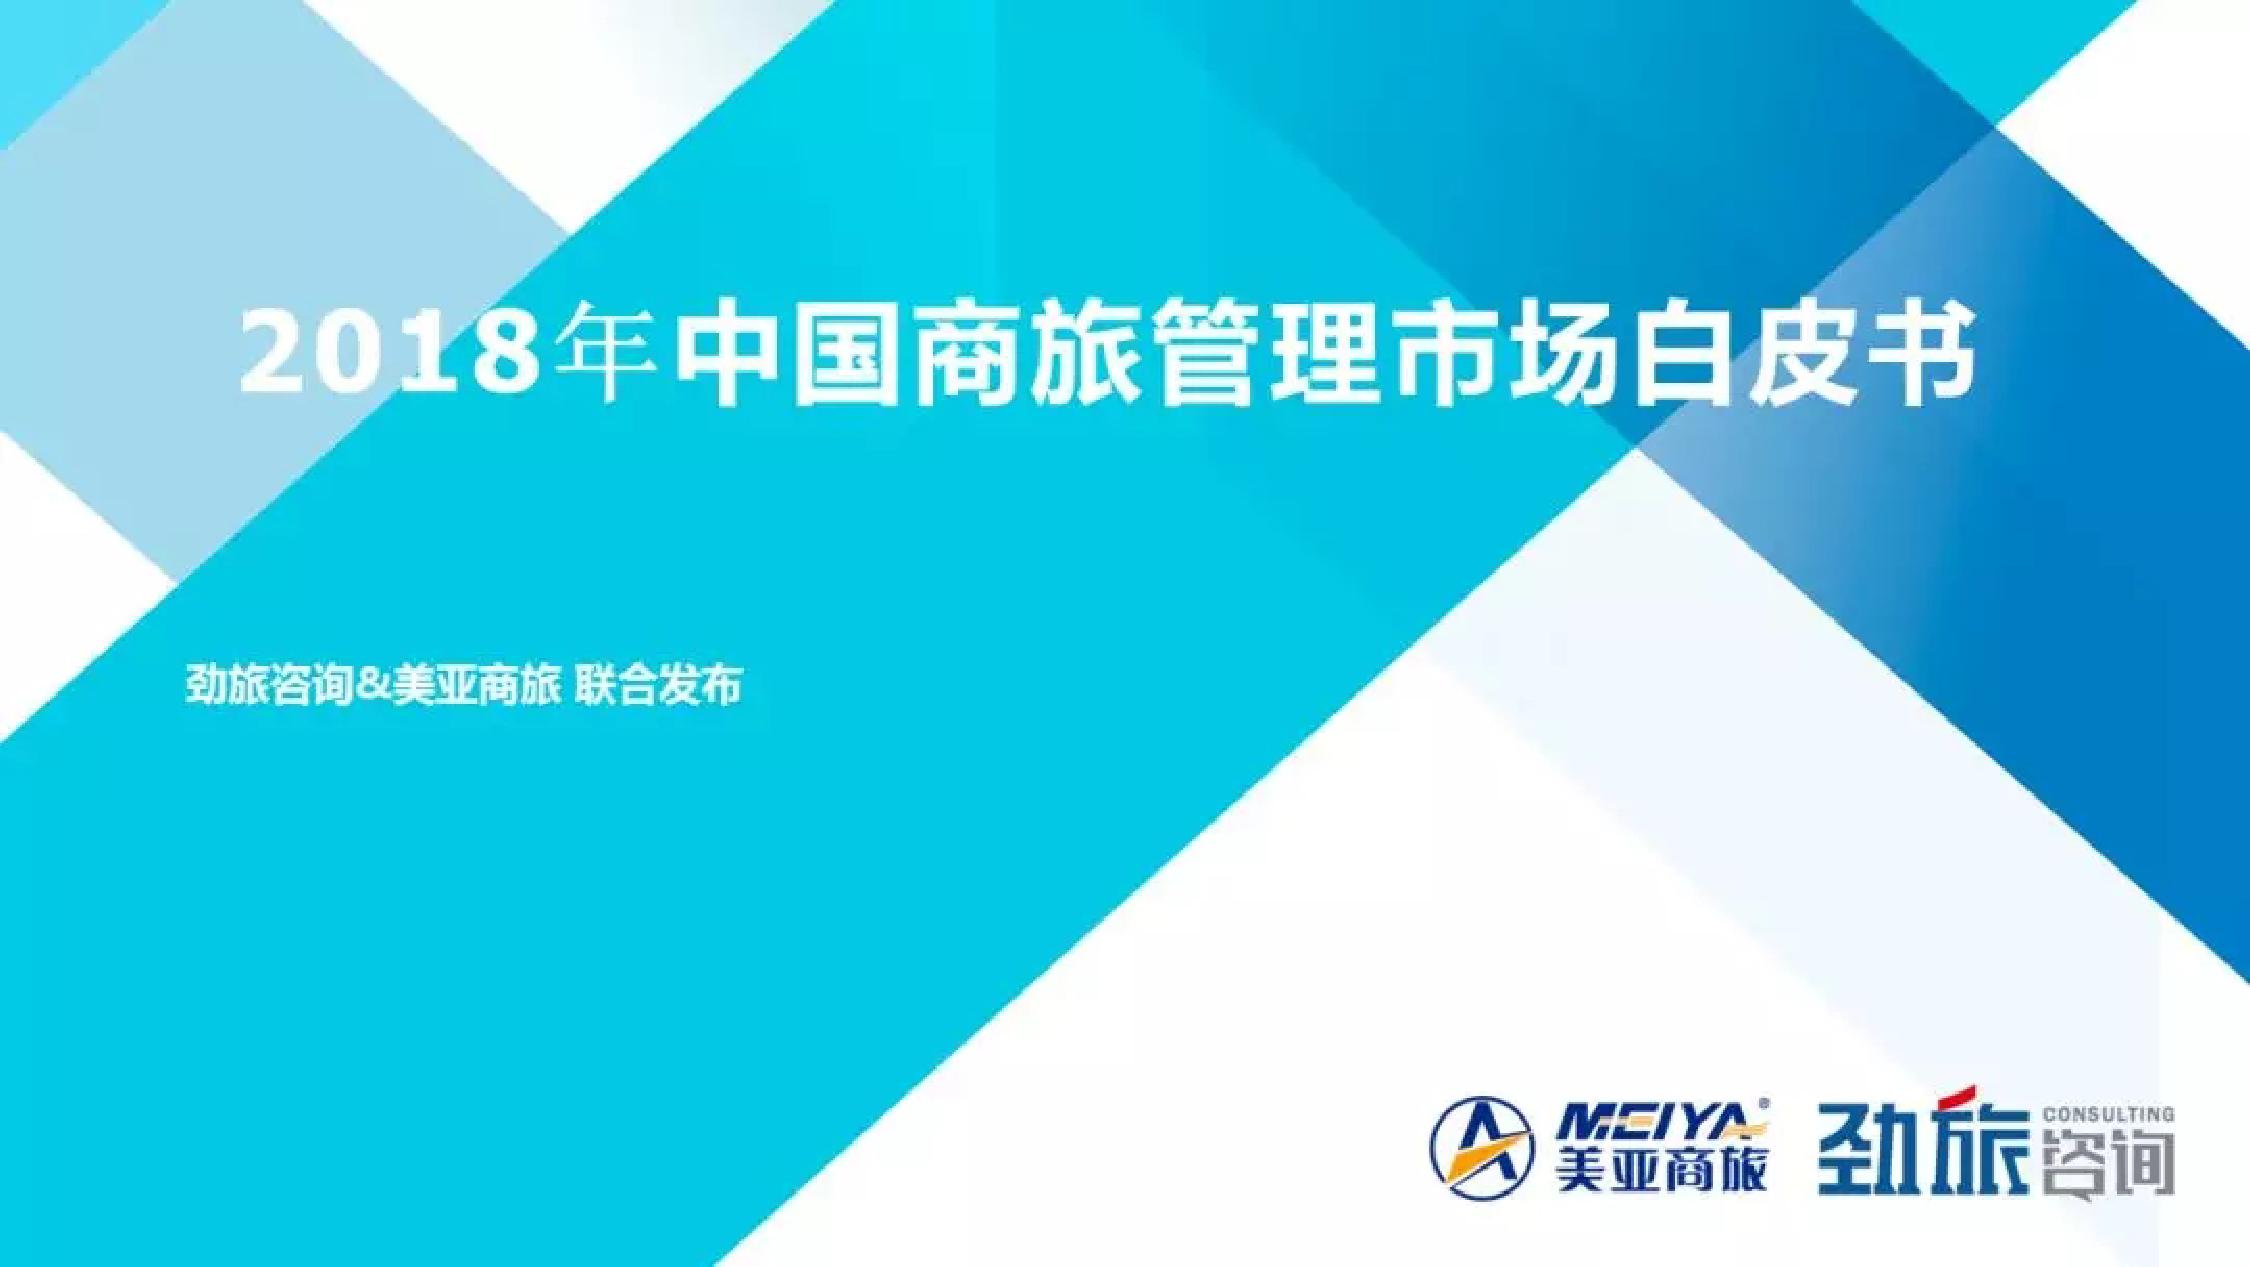 劲旅咨询&美亚商旅:2018年中国商旅管理市场白皮书(附下载)